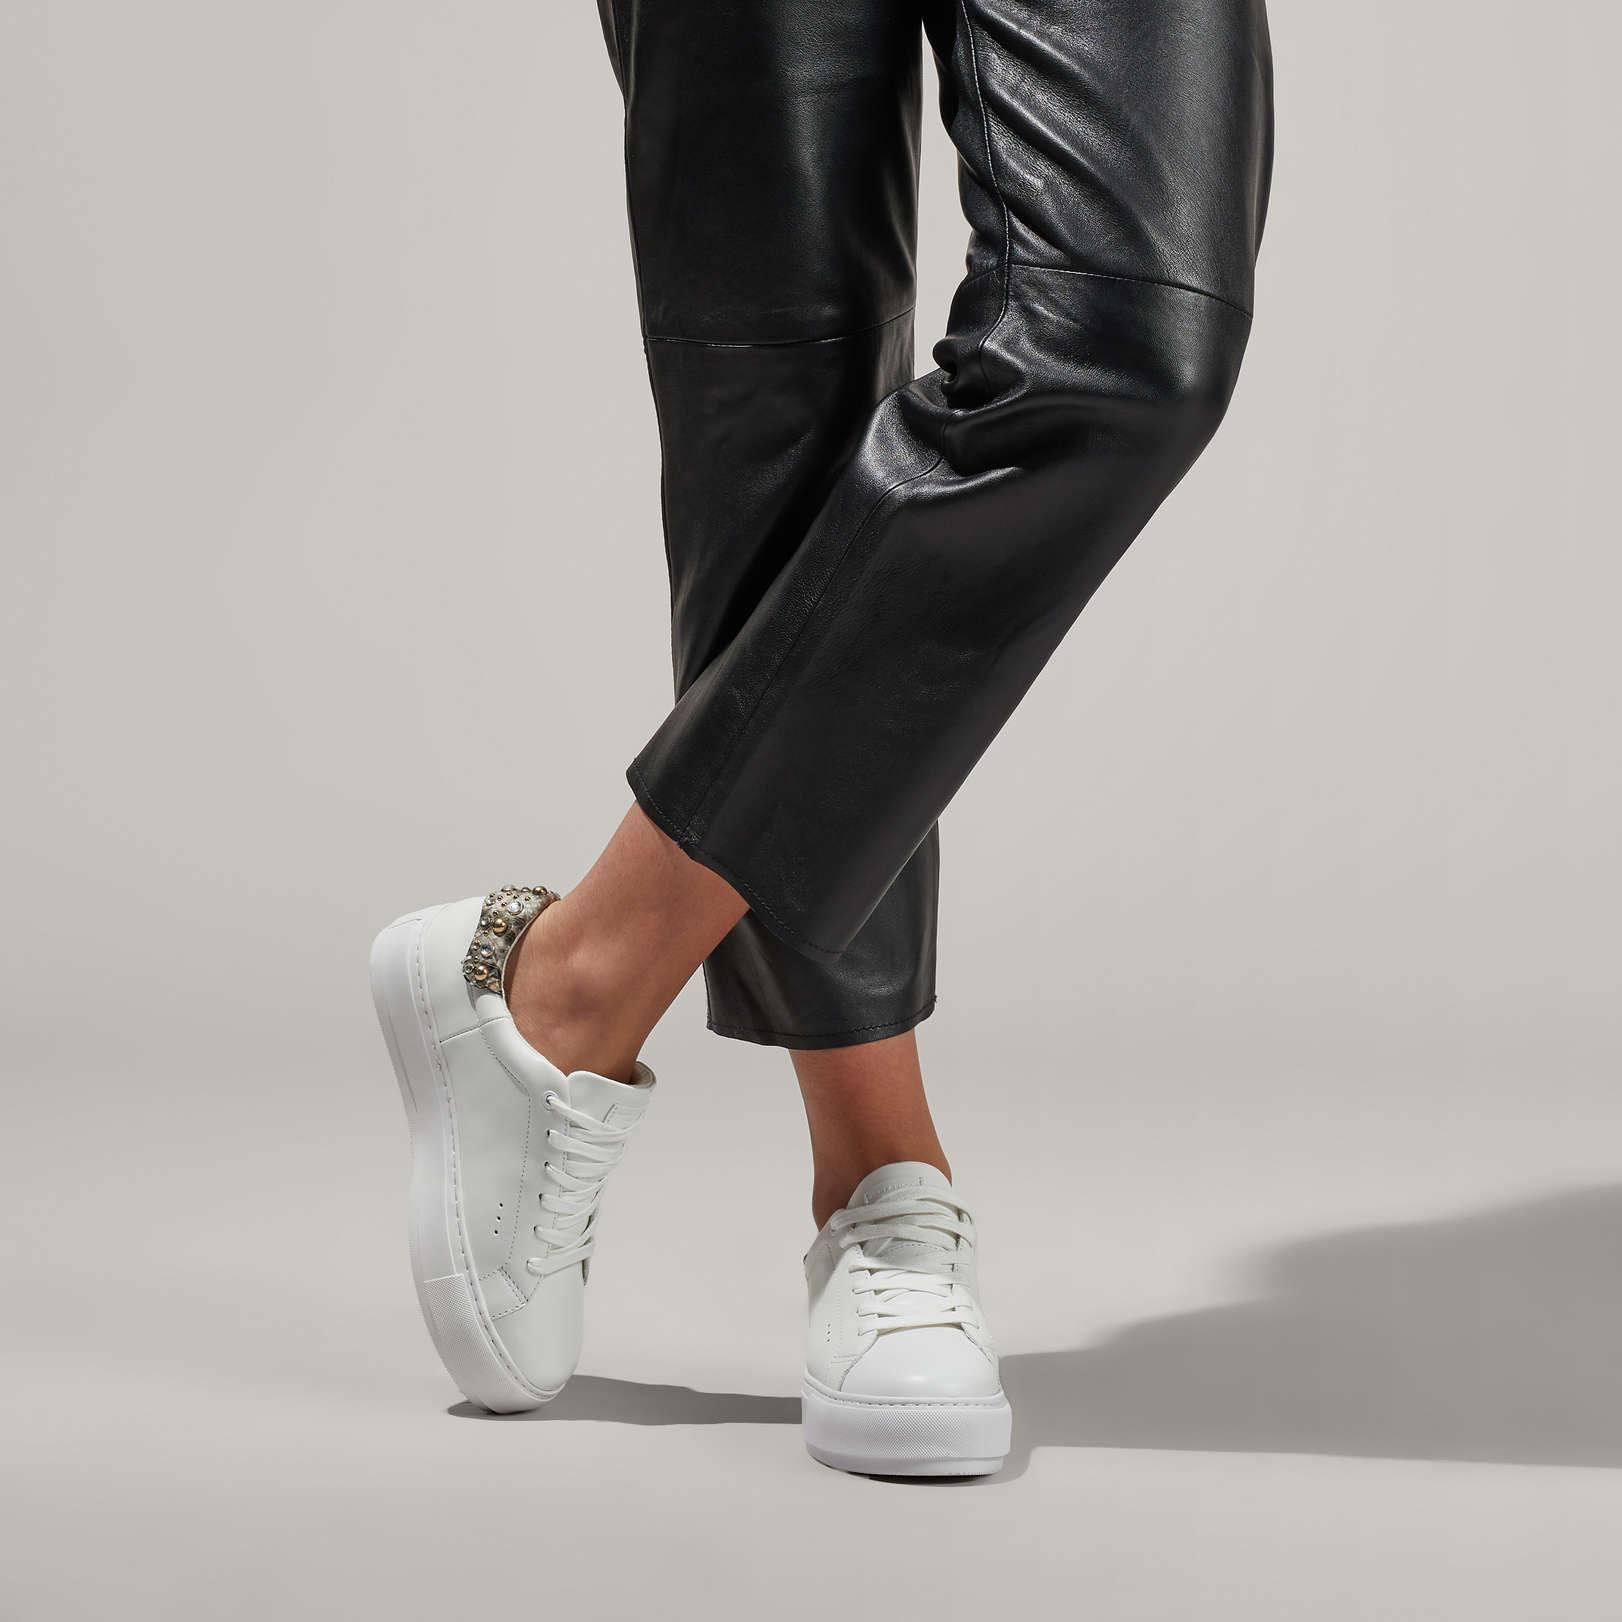 LANEY STUD - KURT GEIGER LONDON Sneakers